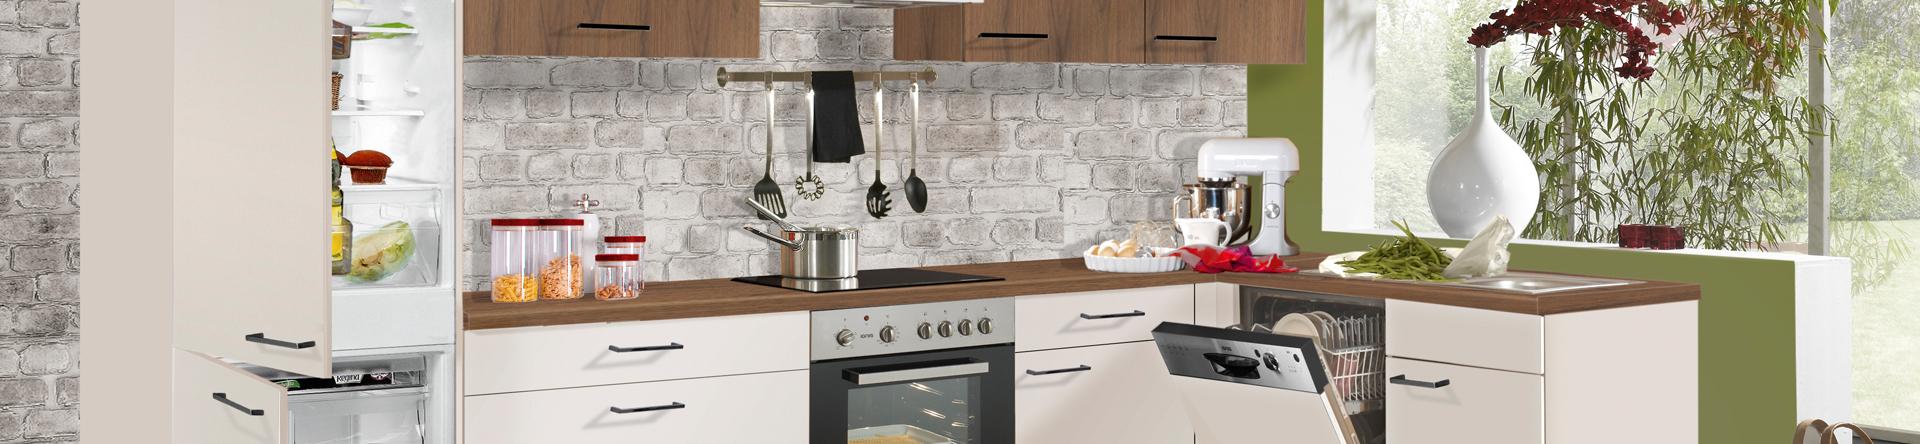 Küche selber aufbauen - Video Anleitungen | ROLLER Möbelhaus